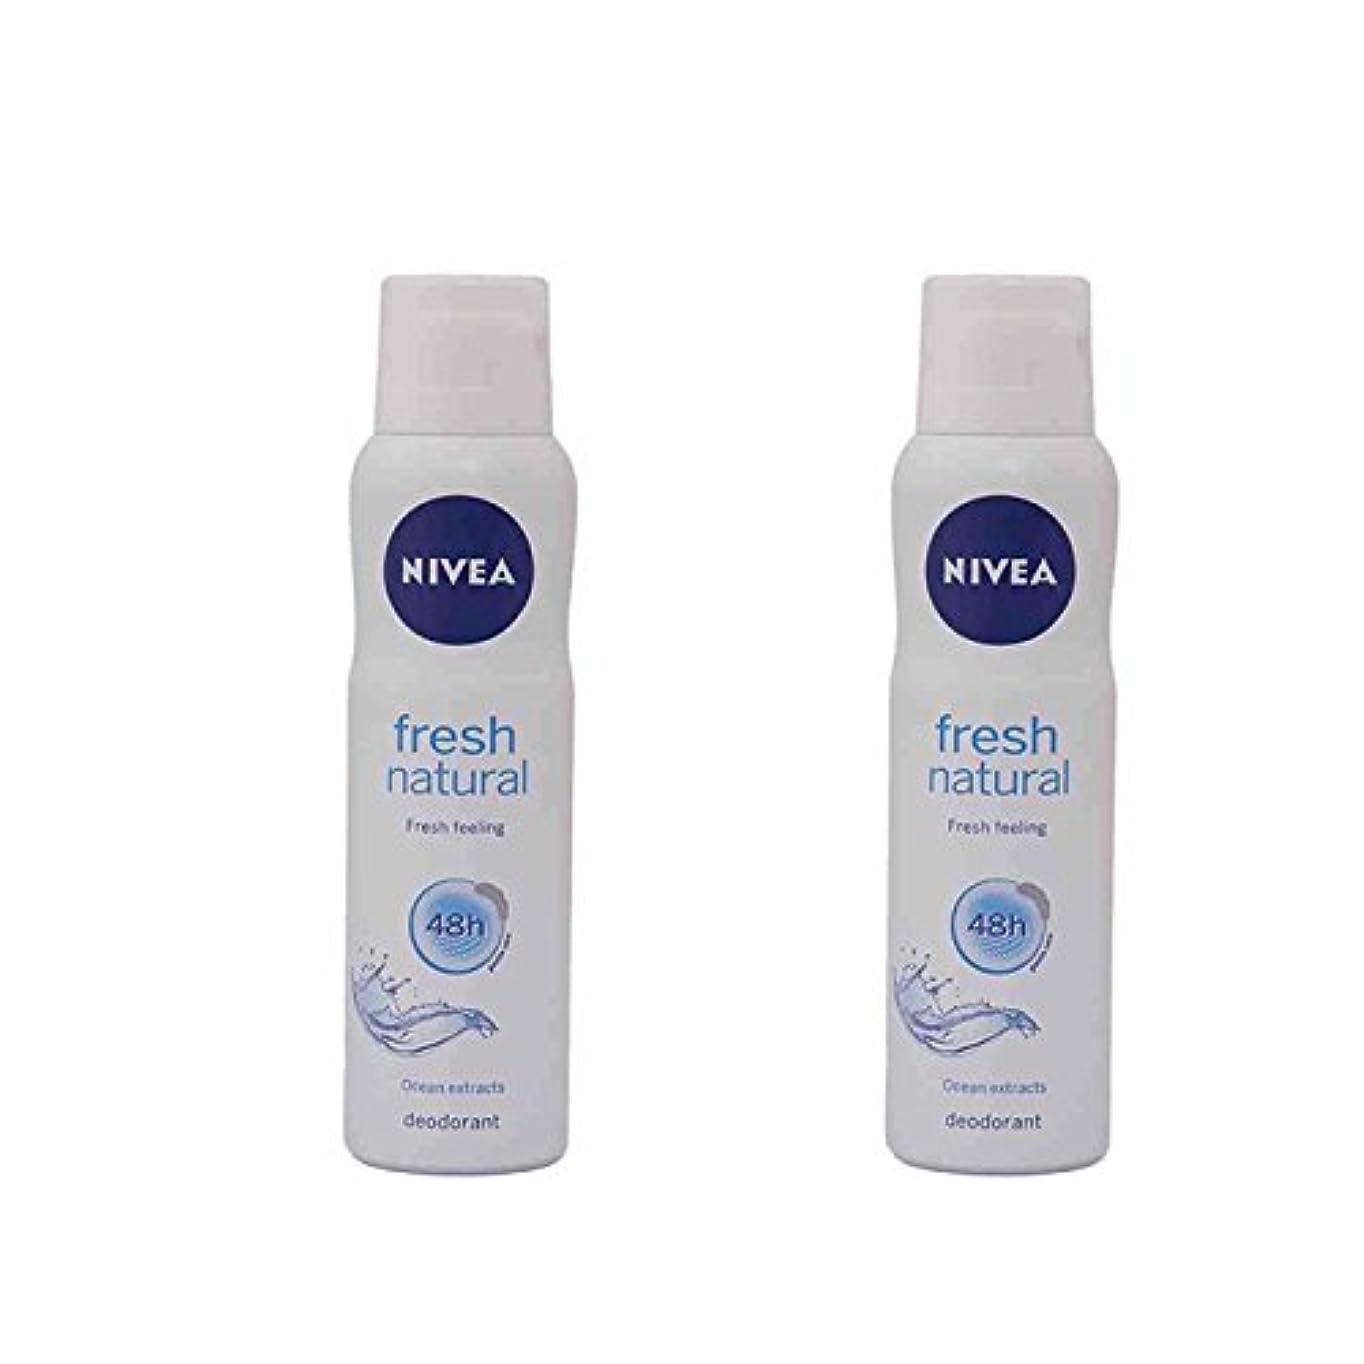 に負けるねばねばばか2 Lots X Nivea For Women Fresh Natural Deodorant, 150ml - 並行輸入品 - 2ロットXニベア女性用フレッシュナチュラルデオドラント、150ml